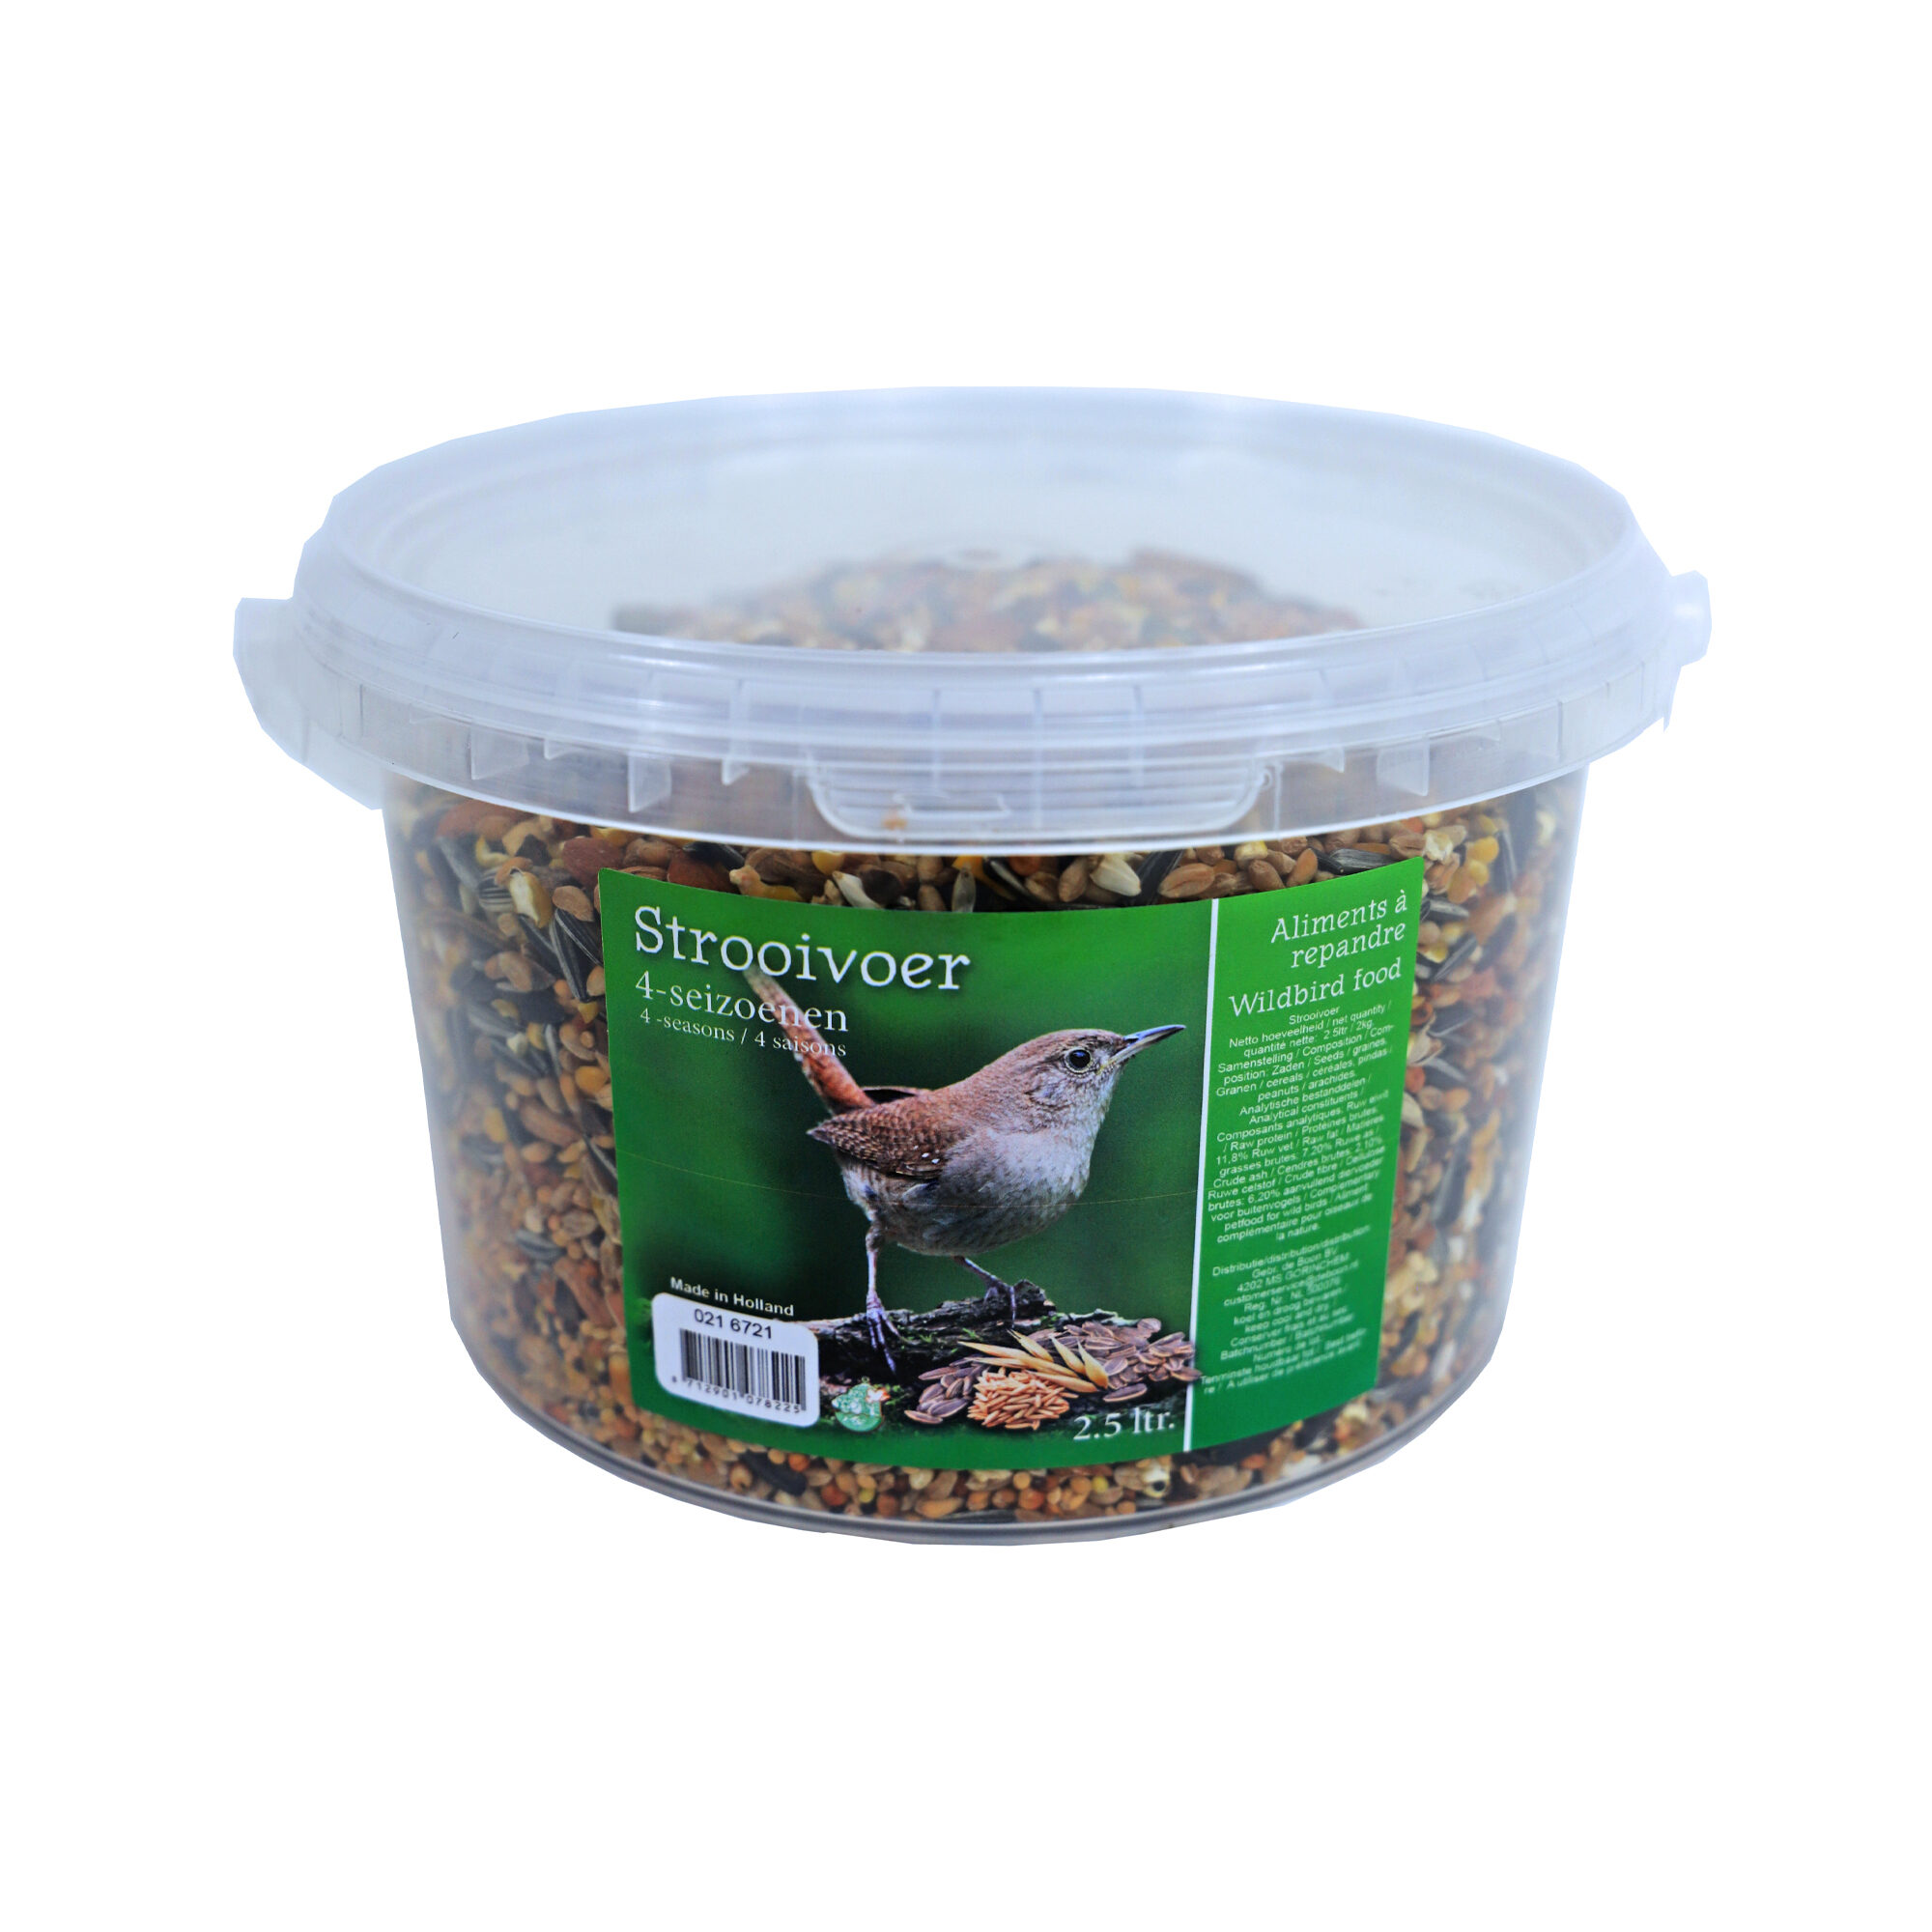 Boon - Alimentation 4 saisons - 2~5 L